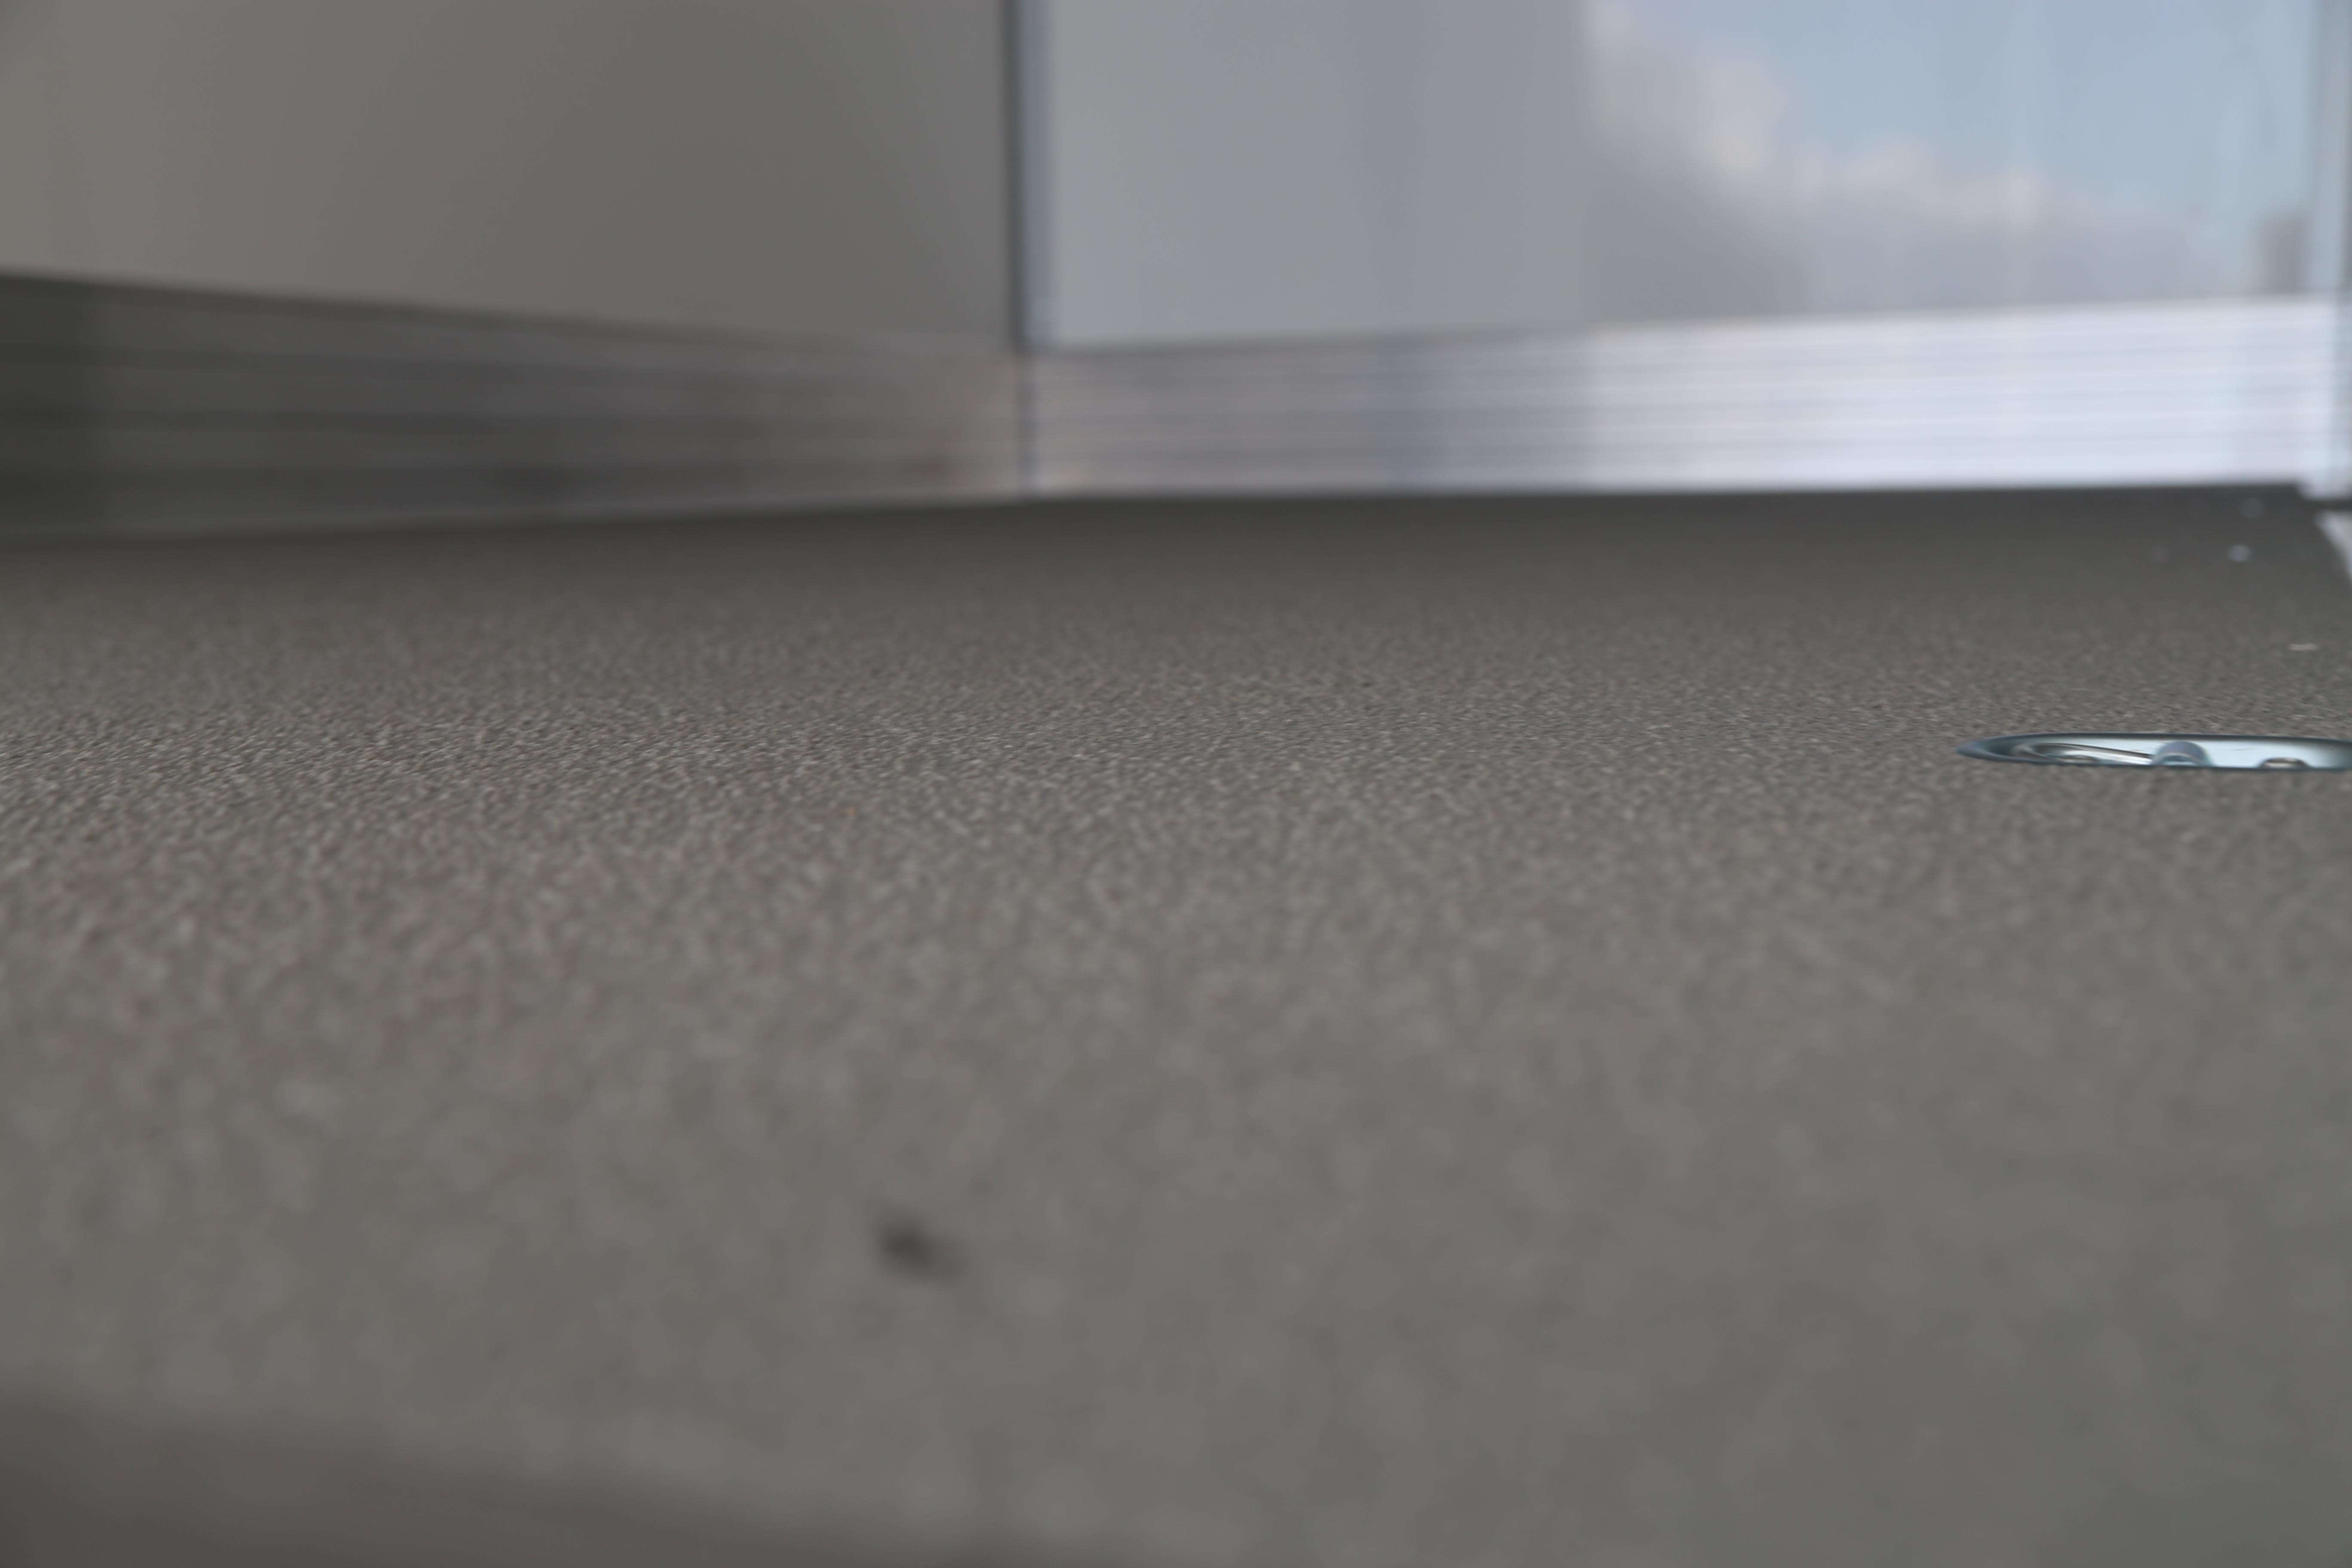 Boden selbsttragend, Oberfläche Kunststoff gesandet